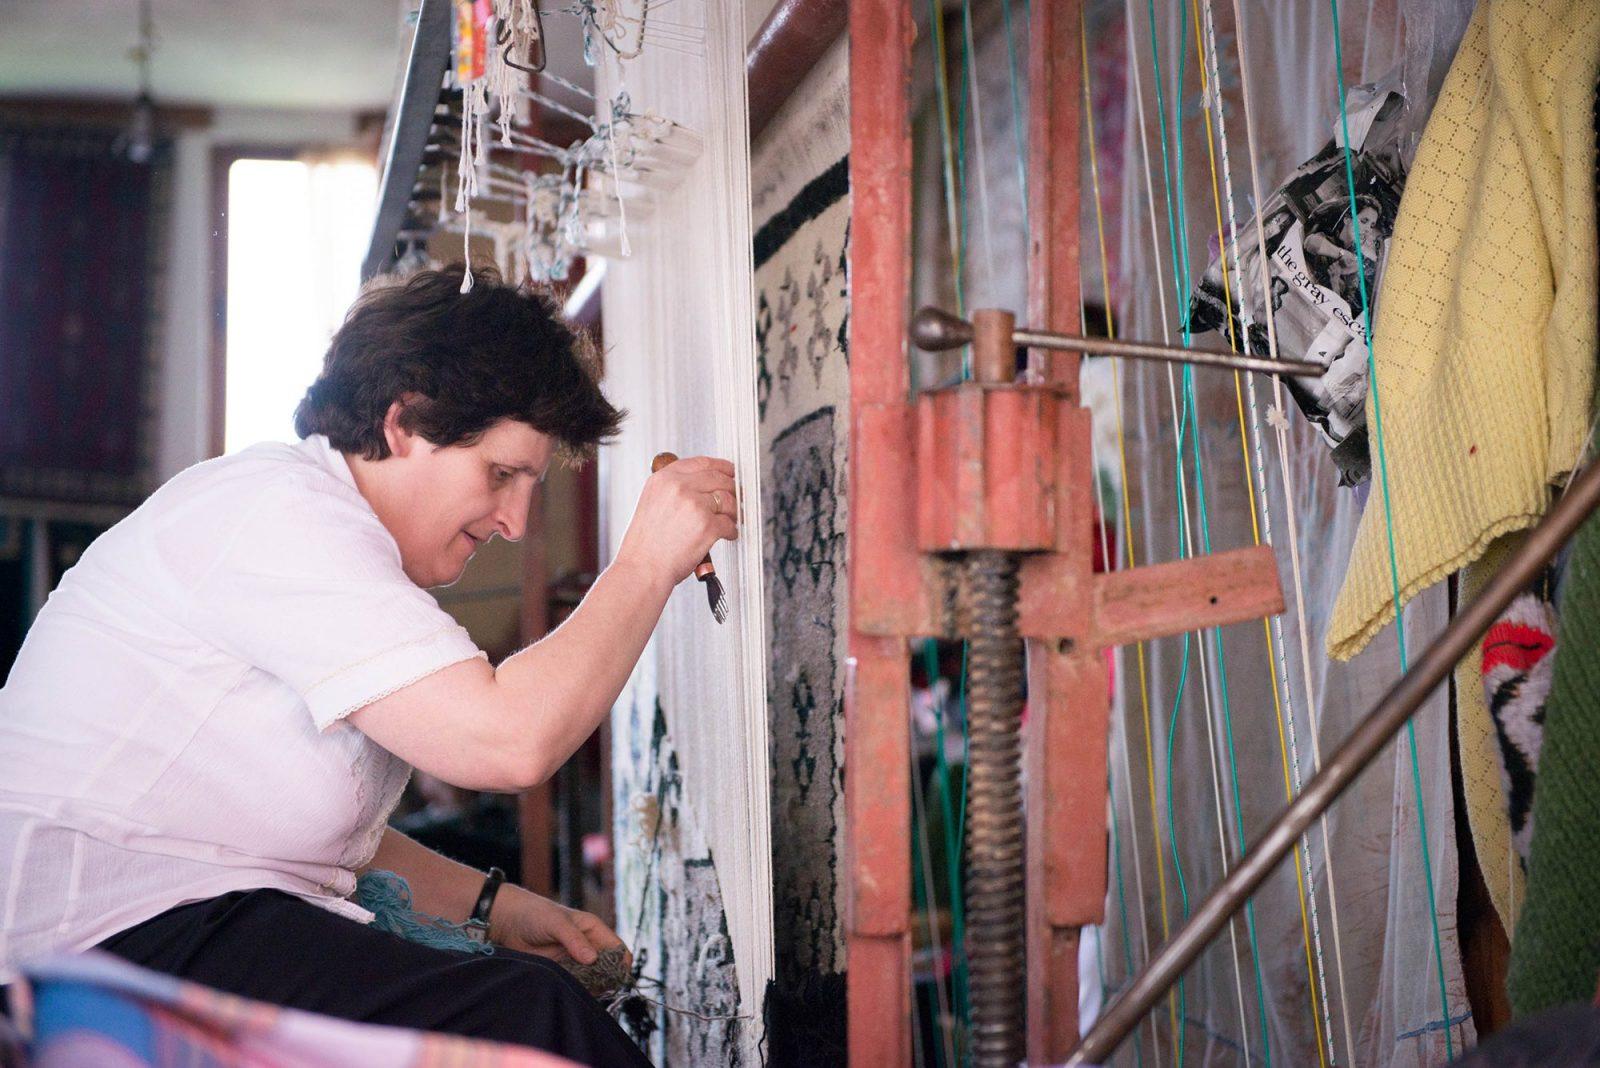 carpet-weaver-in-kruje-albania